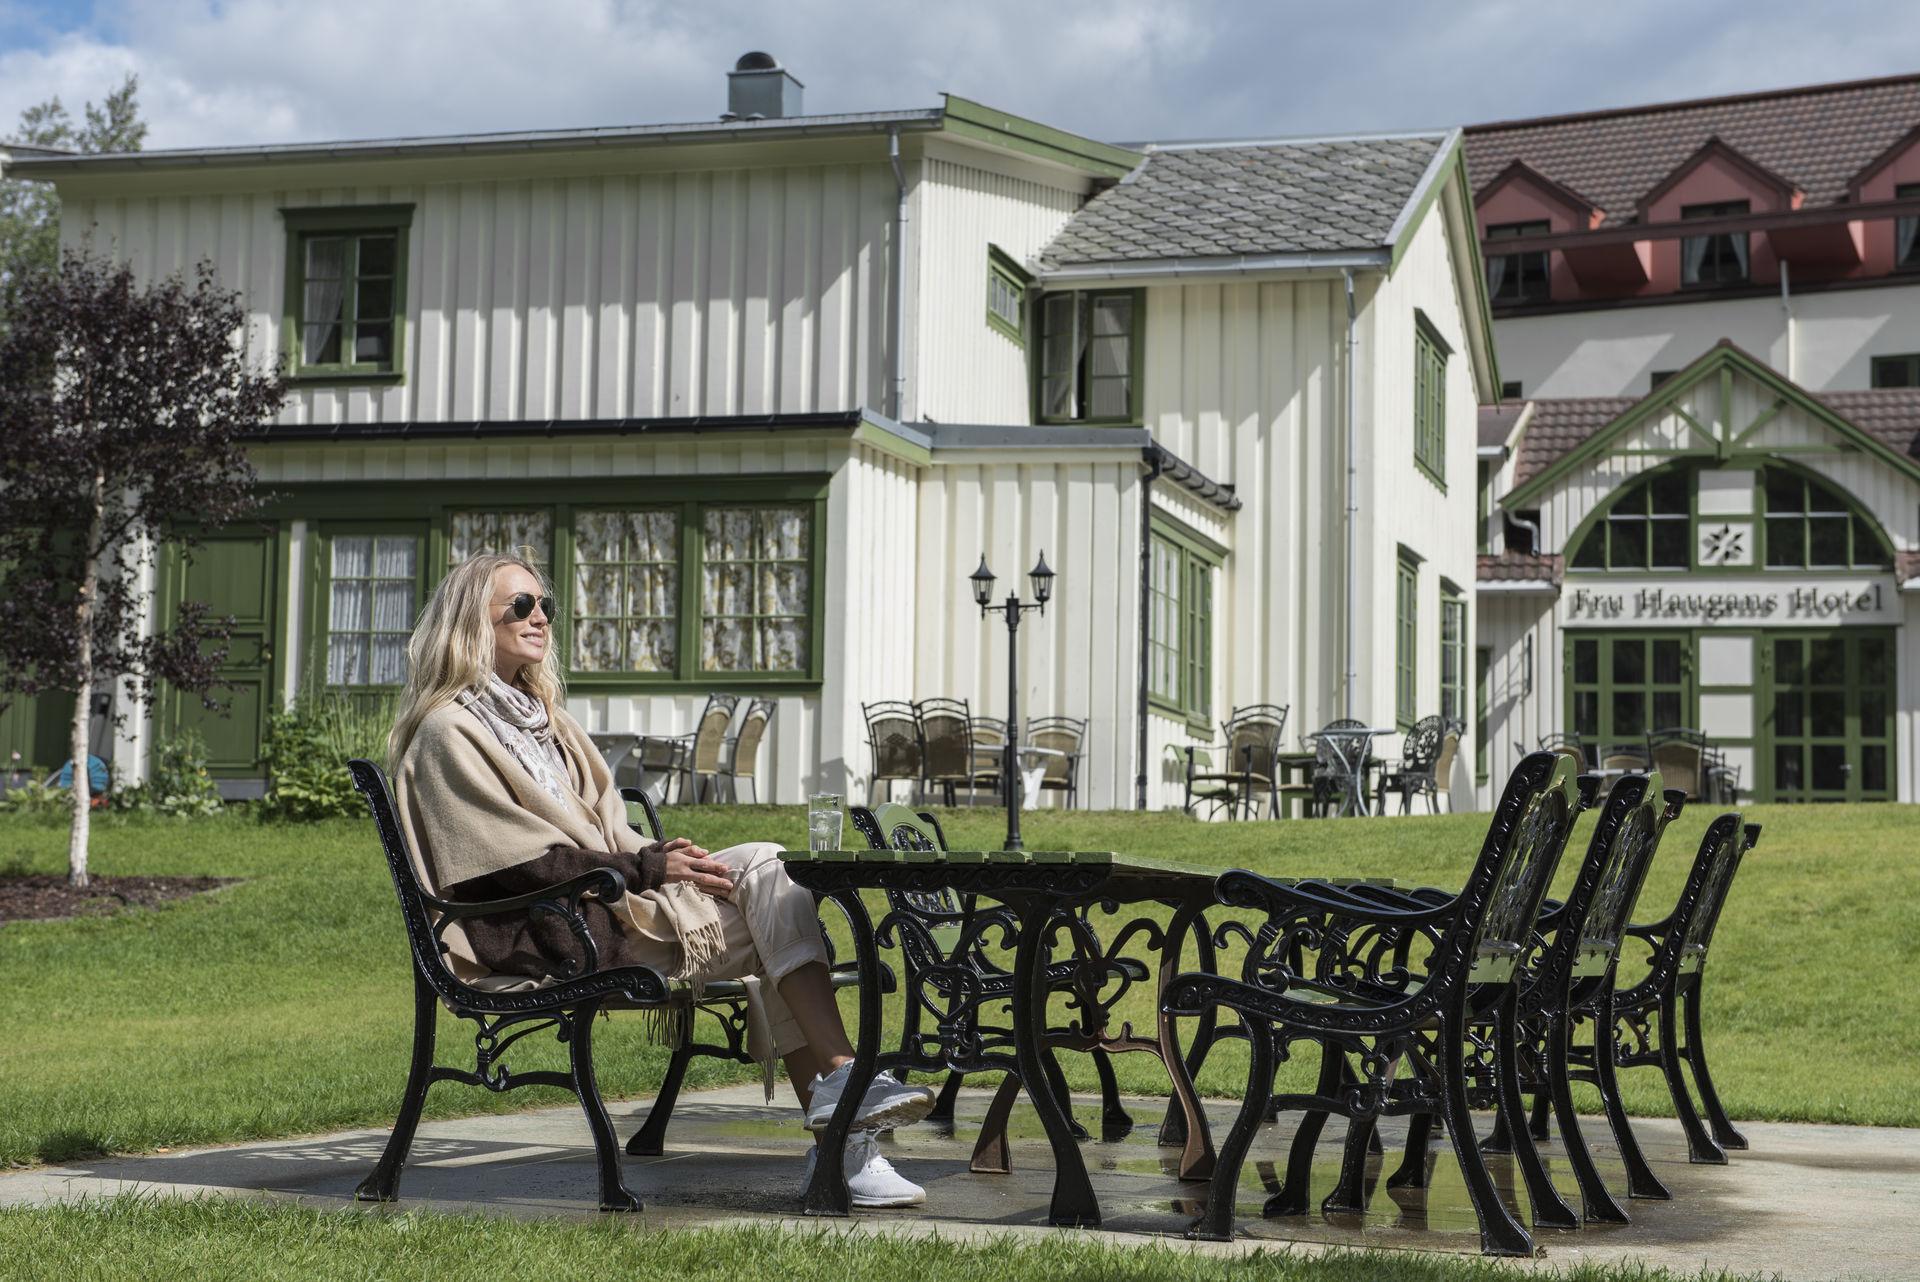 Hotellhagen til Nord-Norges eldste hotell, Fru Haugans Hotel, i Mosjøen (c) Terje Rakke/Nordic Life